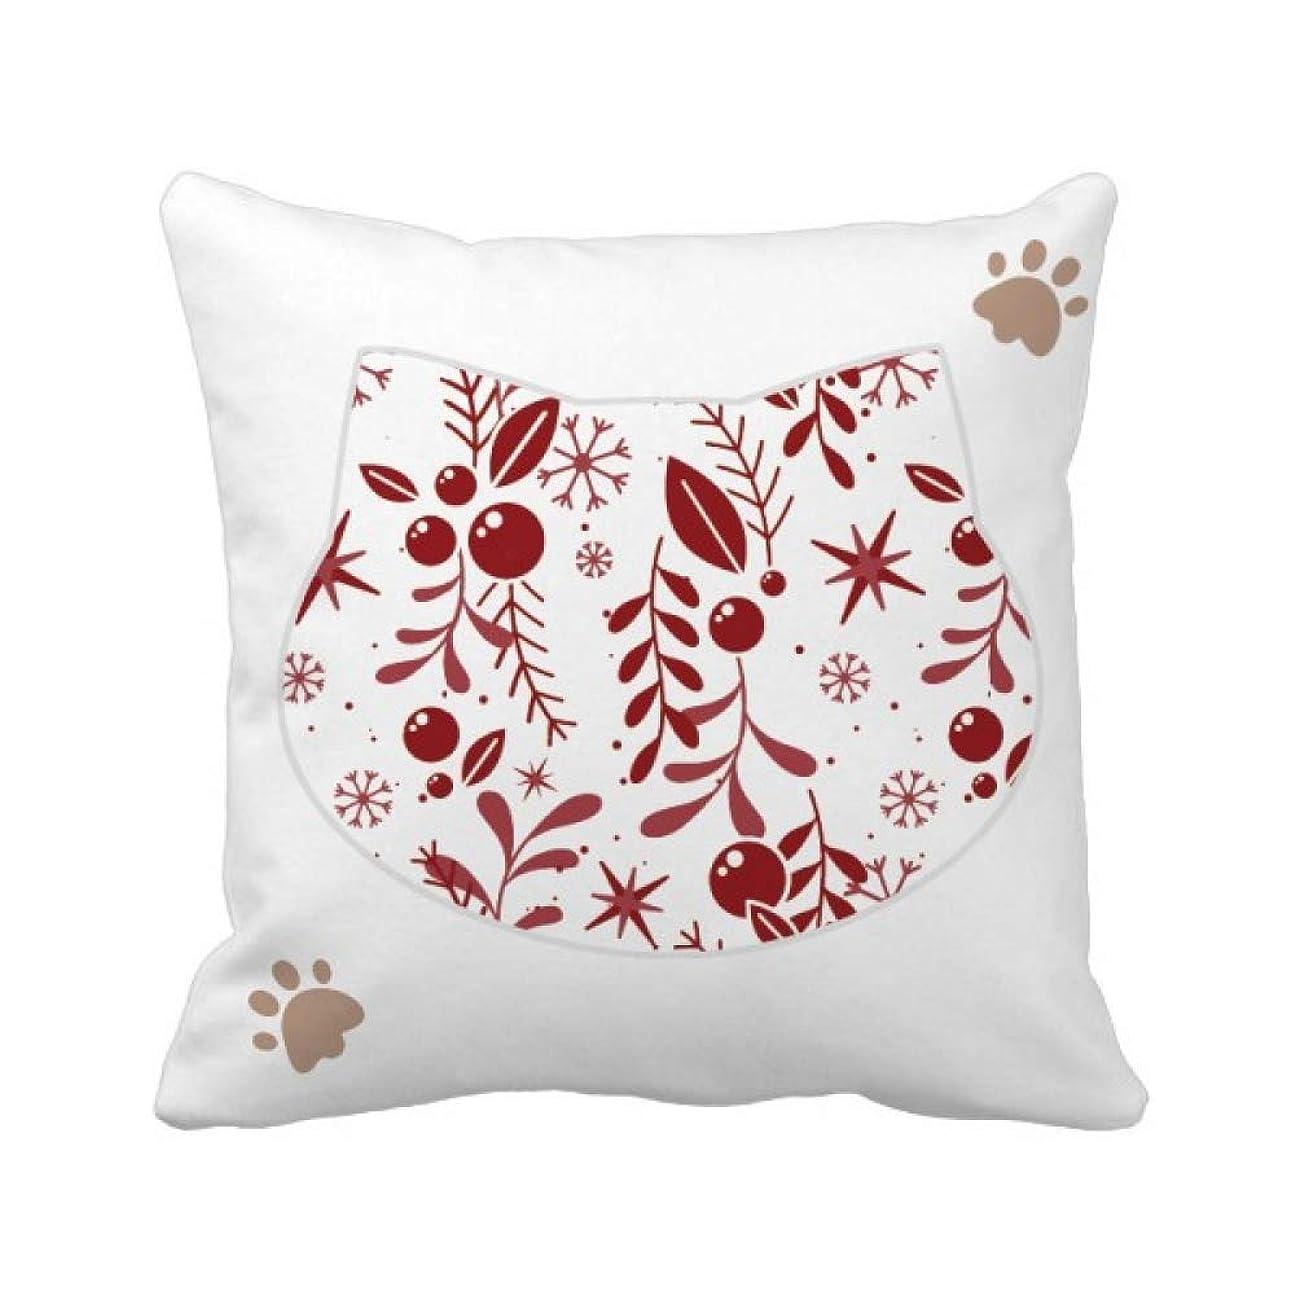 丈夫終わった優雅クリスマスの赤白の装飾のパターン 枕カバーを放り投げる猫広場 50cm x 50cm